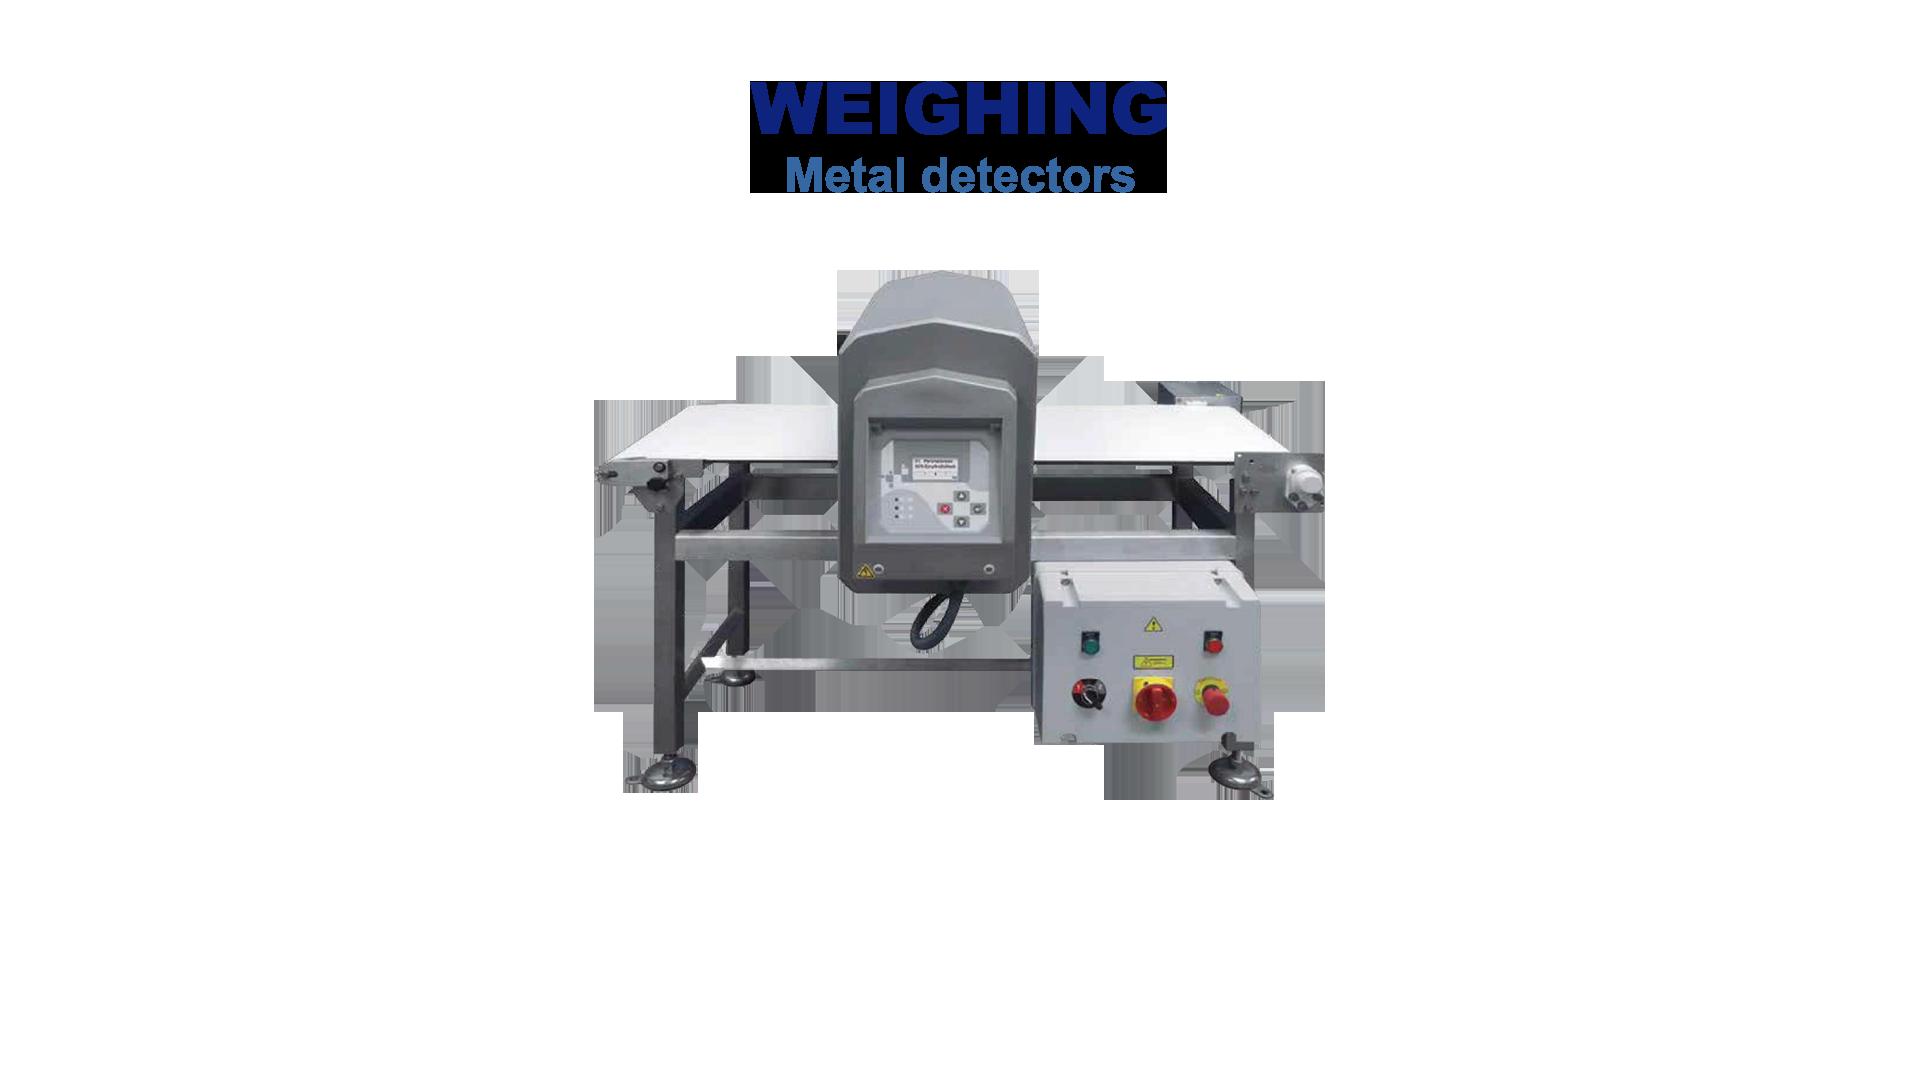 weighing-metal-detectors